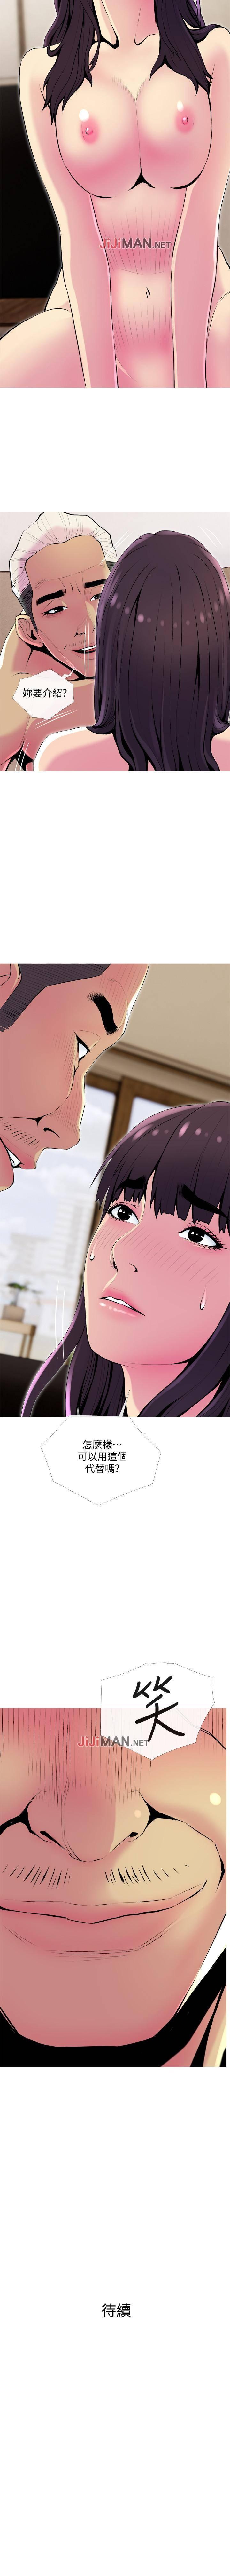 【周五连载】主妇危机(作者:查爾斯&漢水) 第1~26话 154